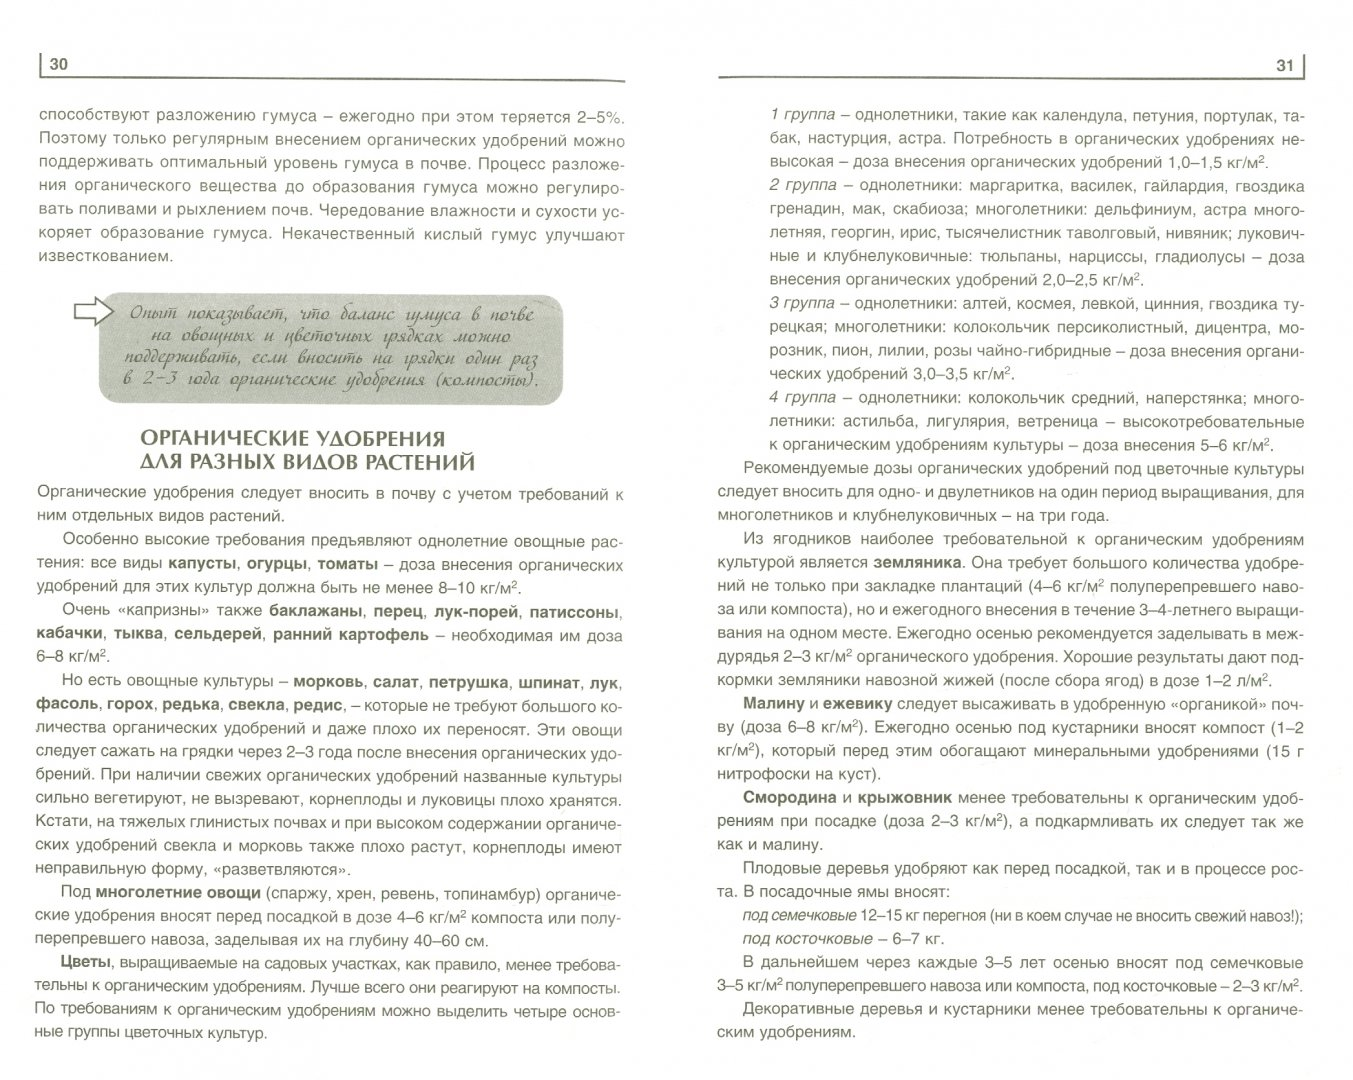 Иллюстрация 1 из 9 для Почвы и удобрения - Любовь Возна | Лабиринт - книги. Источник: Лабиринт